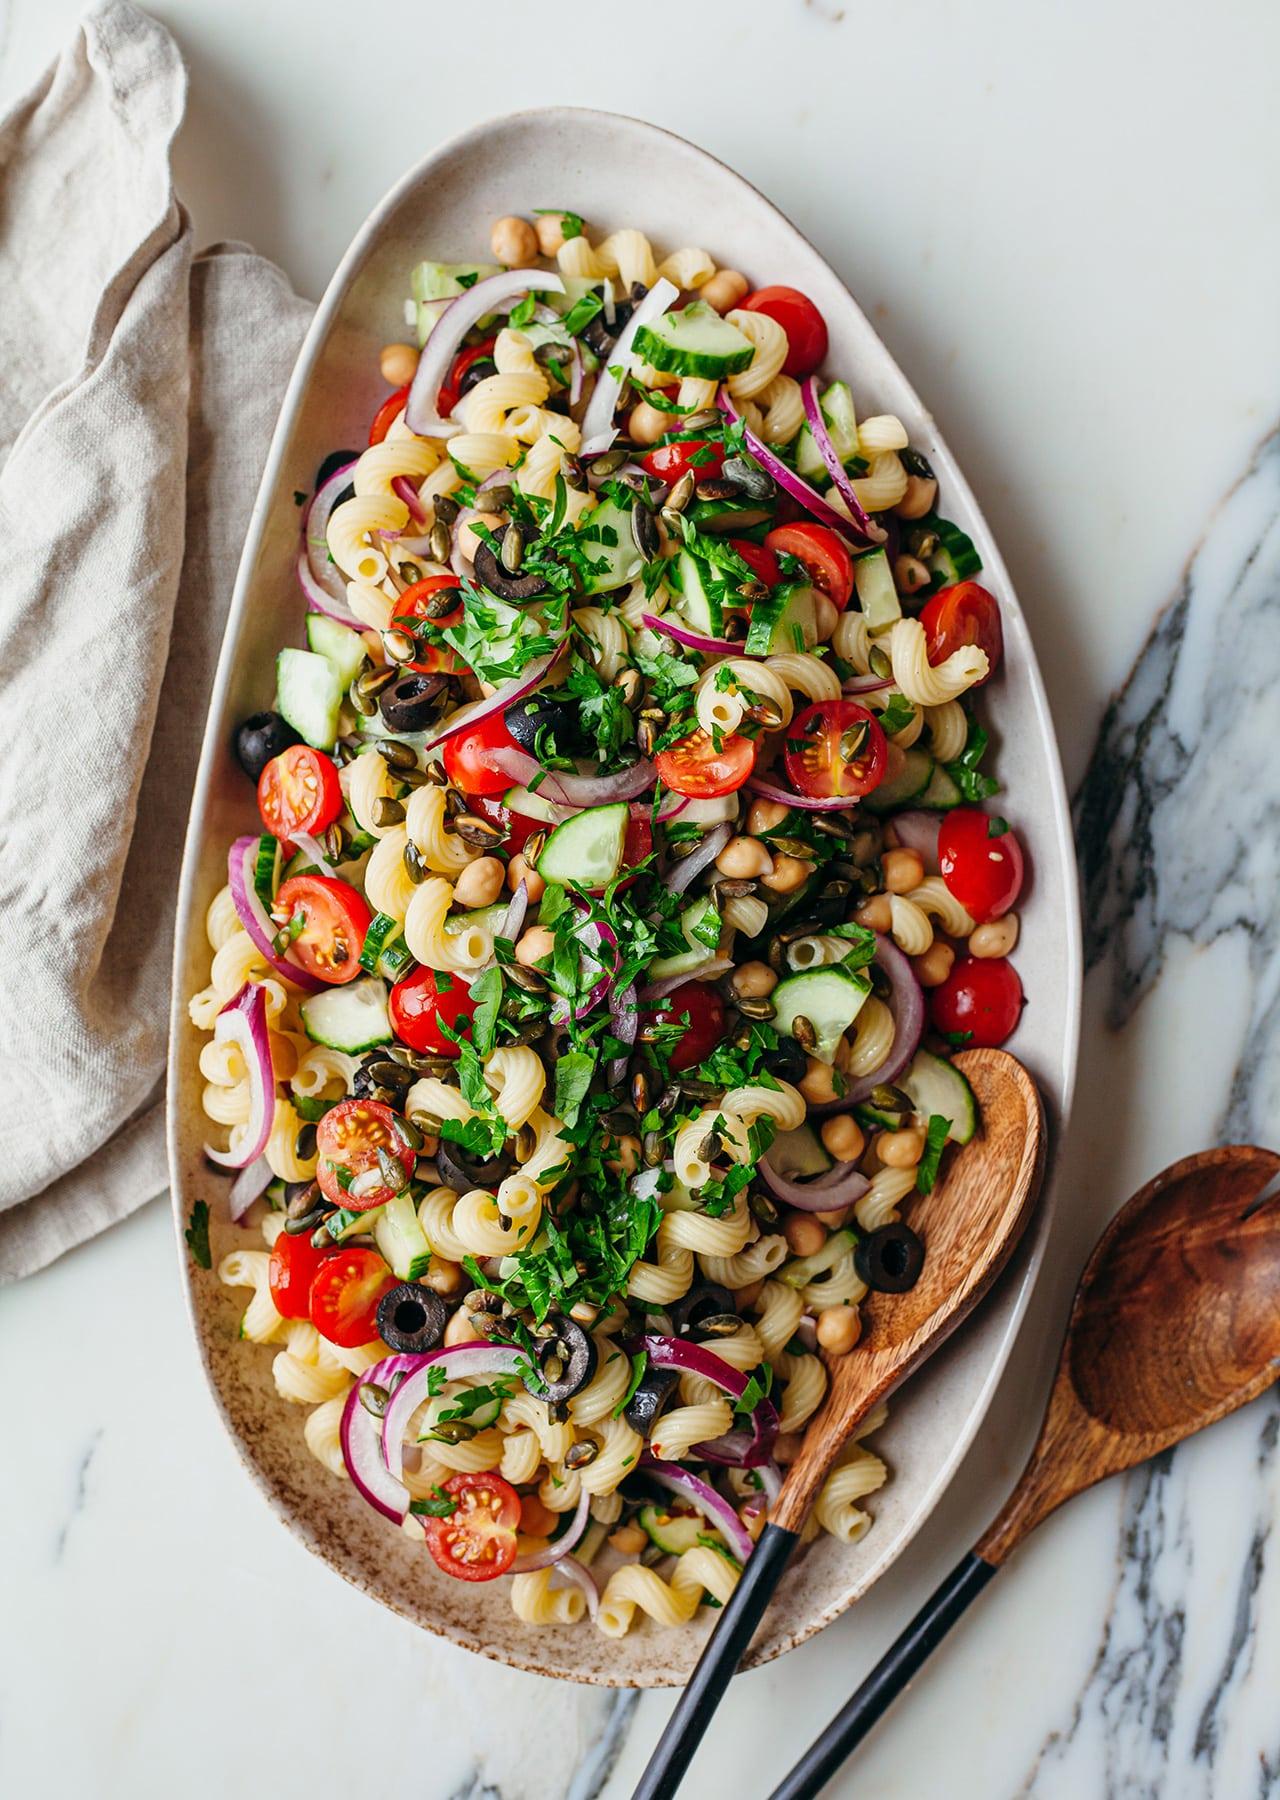 15-Minute Vegan Pasta Salad Recipe